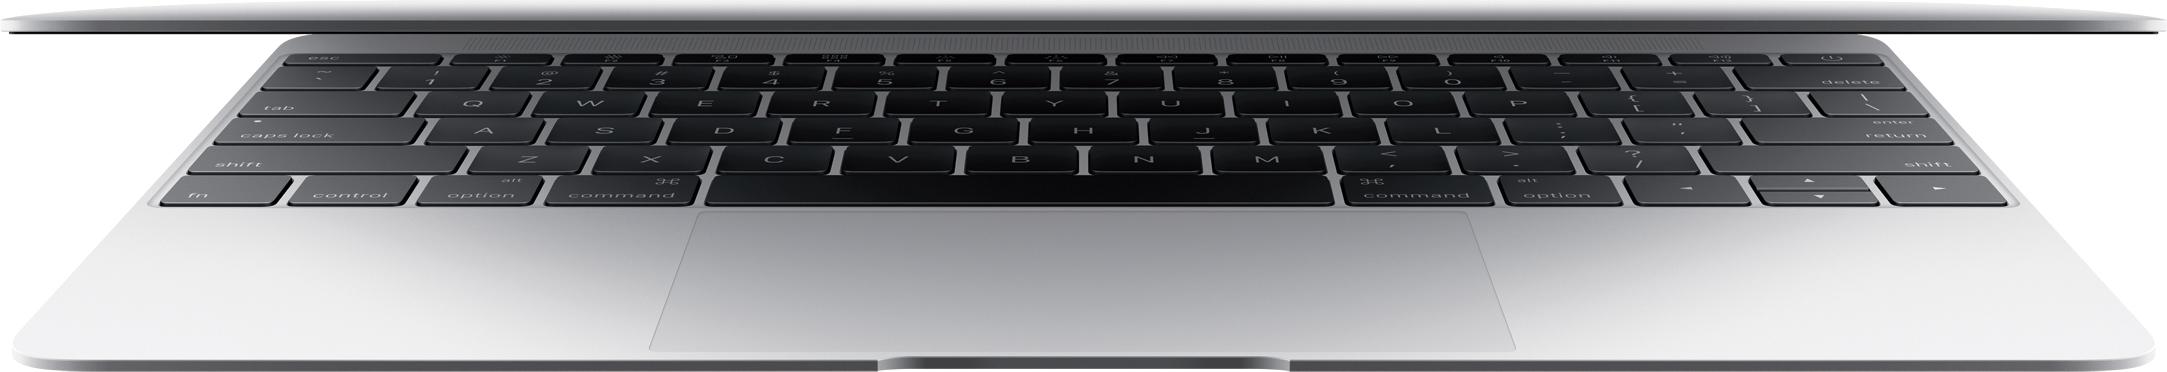 MacBook de frente com a tampa abrindo